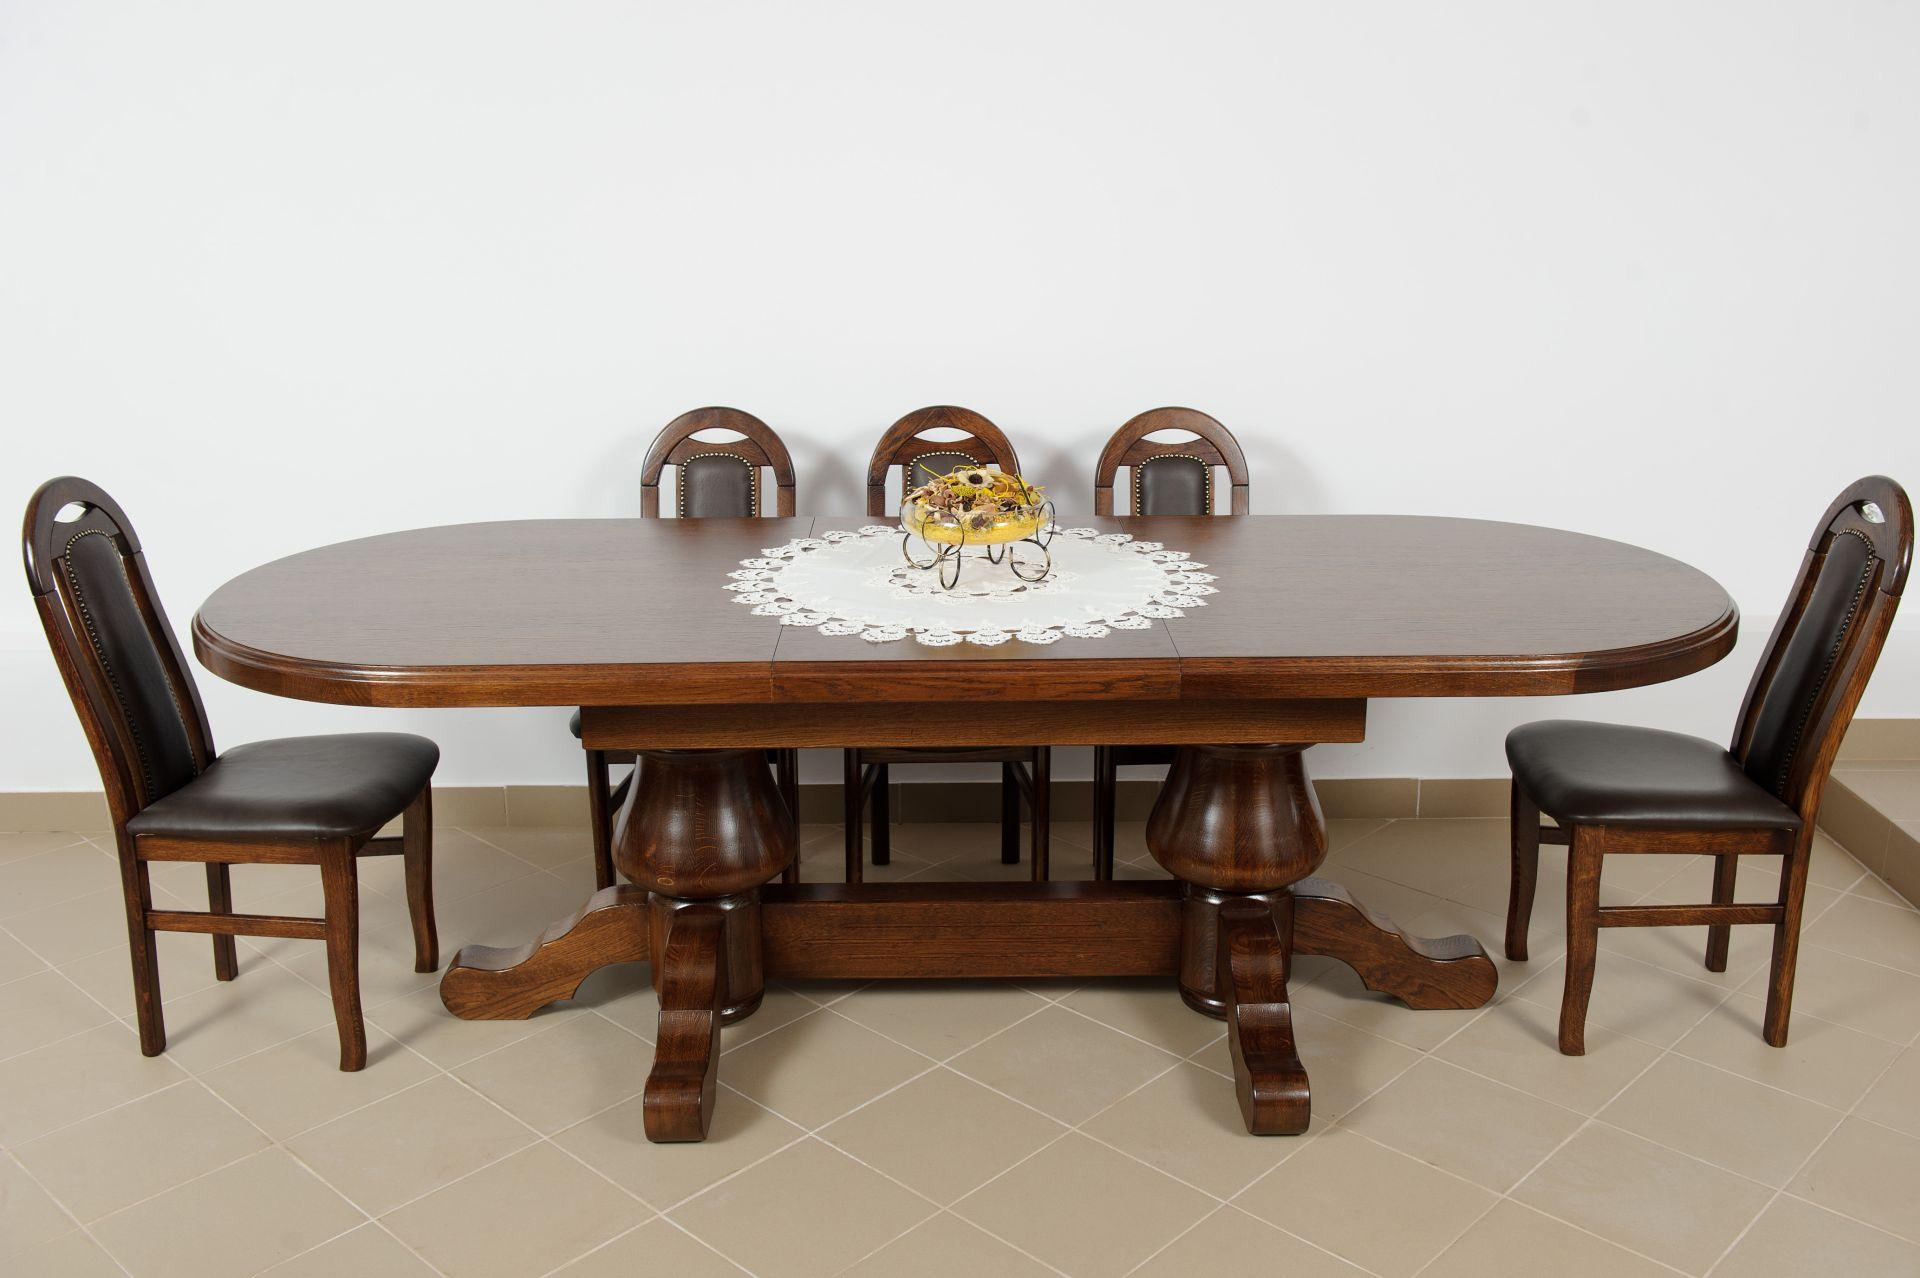 Dubový stůl Gryzli ovál